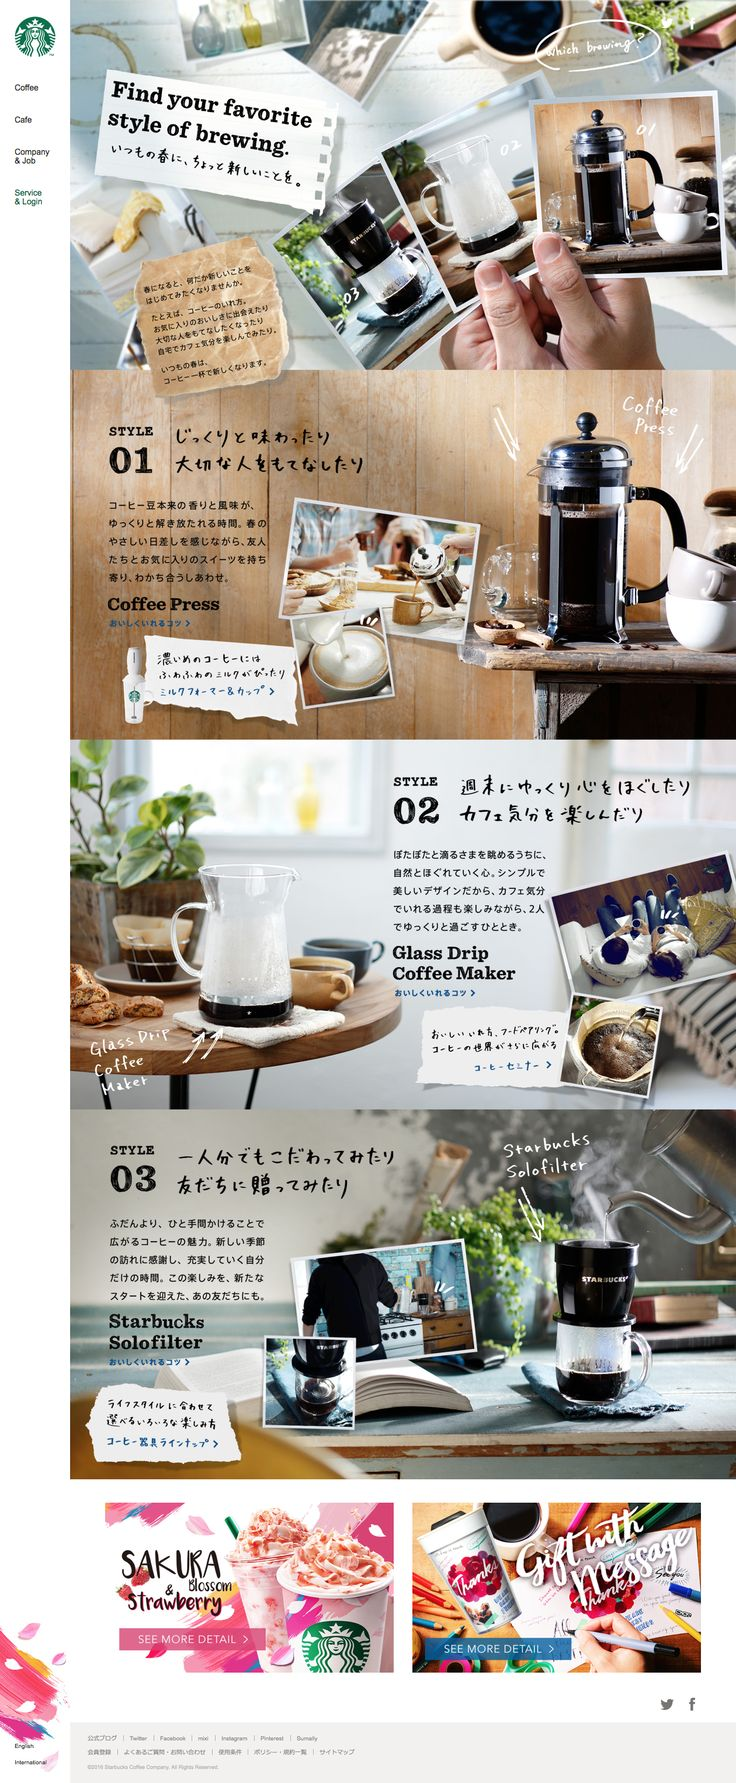 [季節のコーヒー] いつもの春に、ちょっと新しいことを|スターバックス コーヒー ジャパン                                                                                                                                                                                 もっと見る